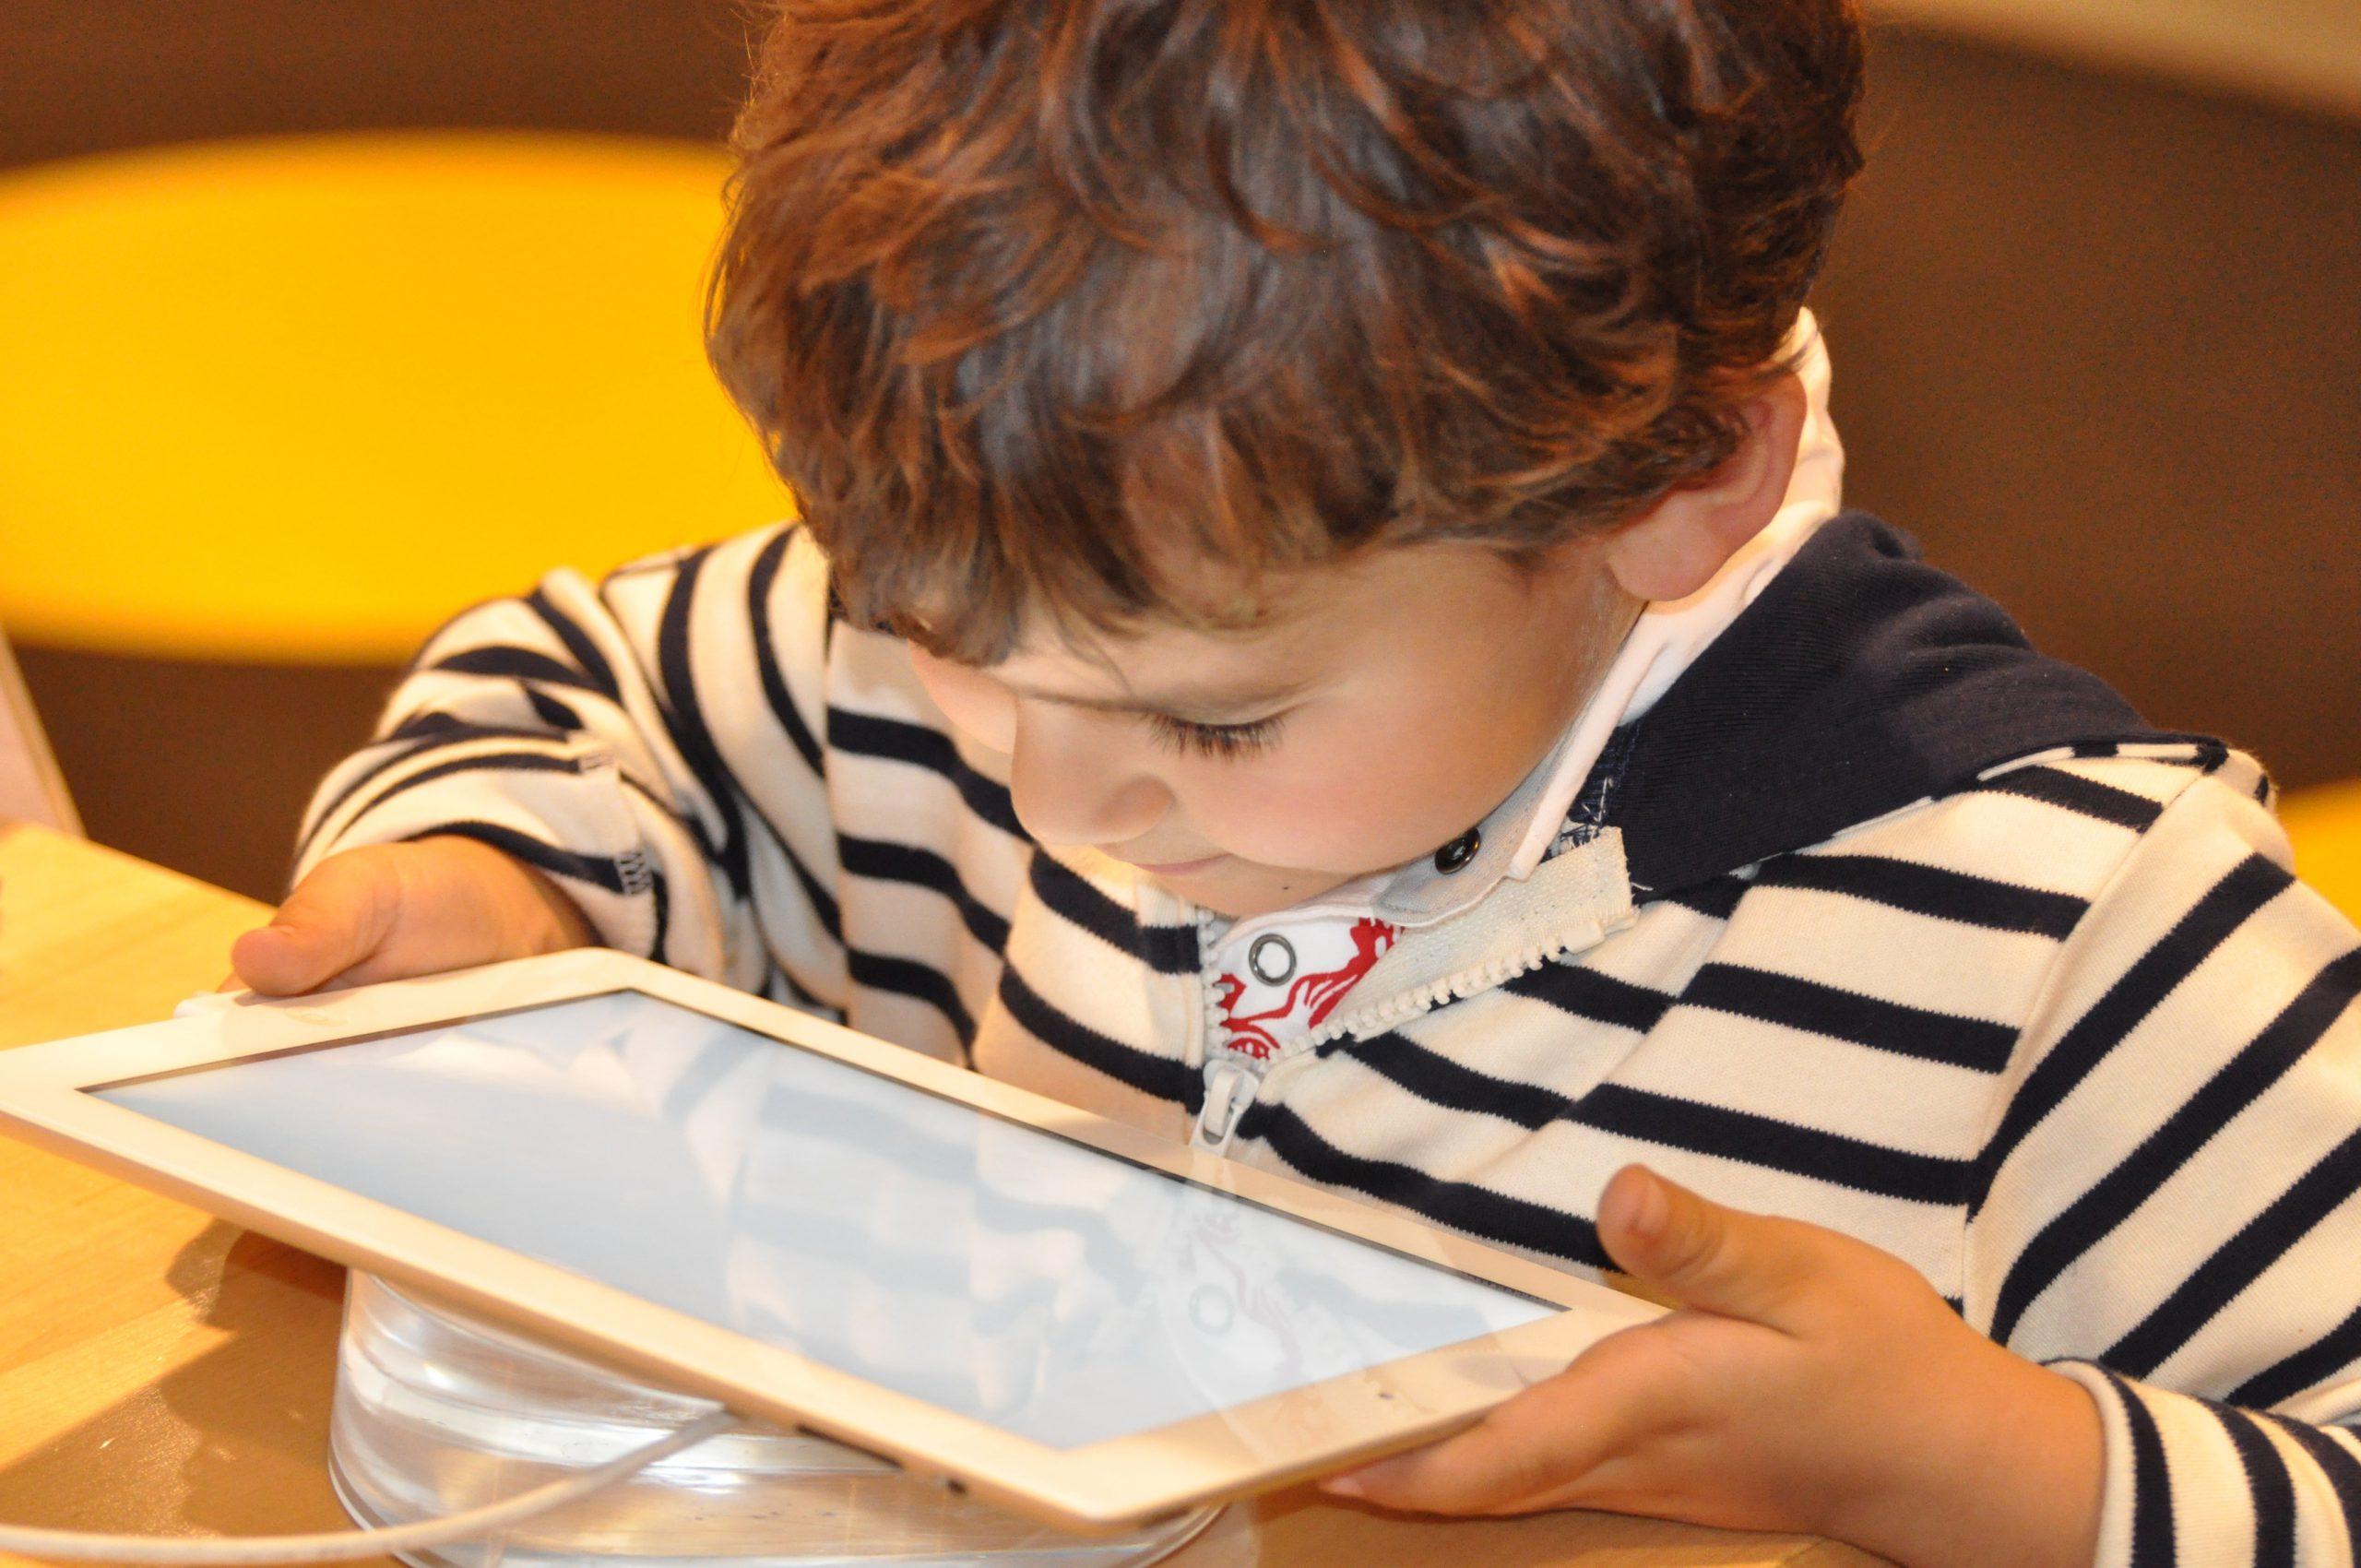 El tiempo de pantalla de calidad puede ser bueno para los niños, según un nuevo estudio de Oxford